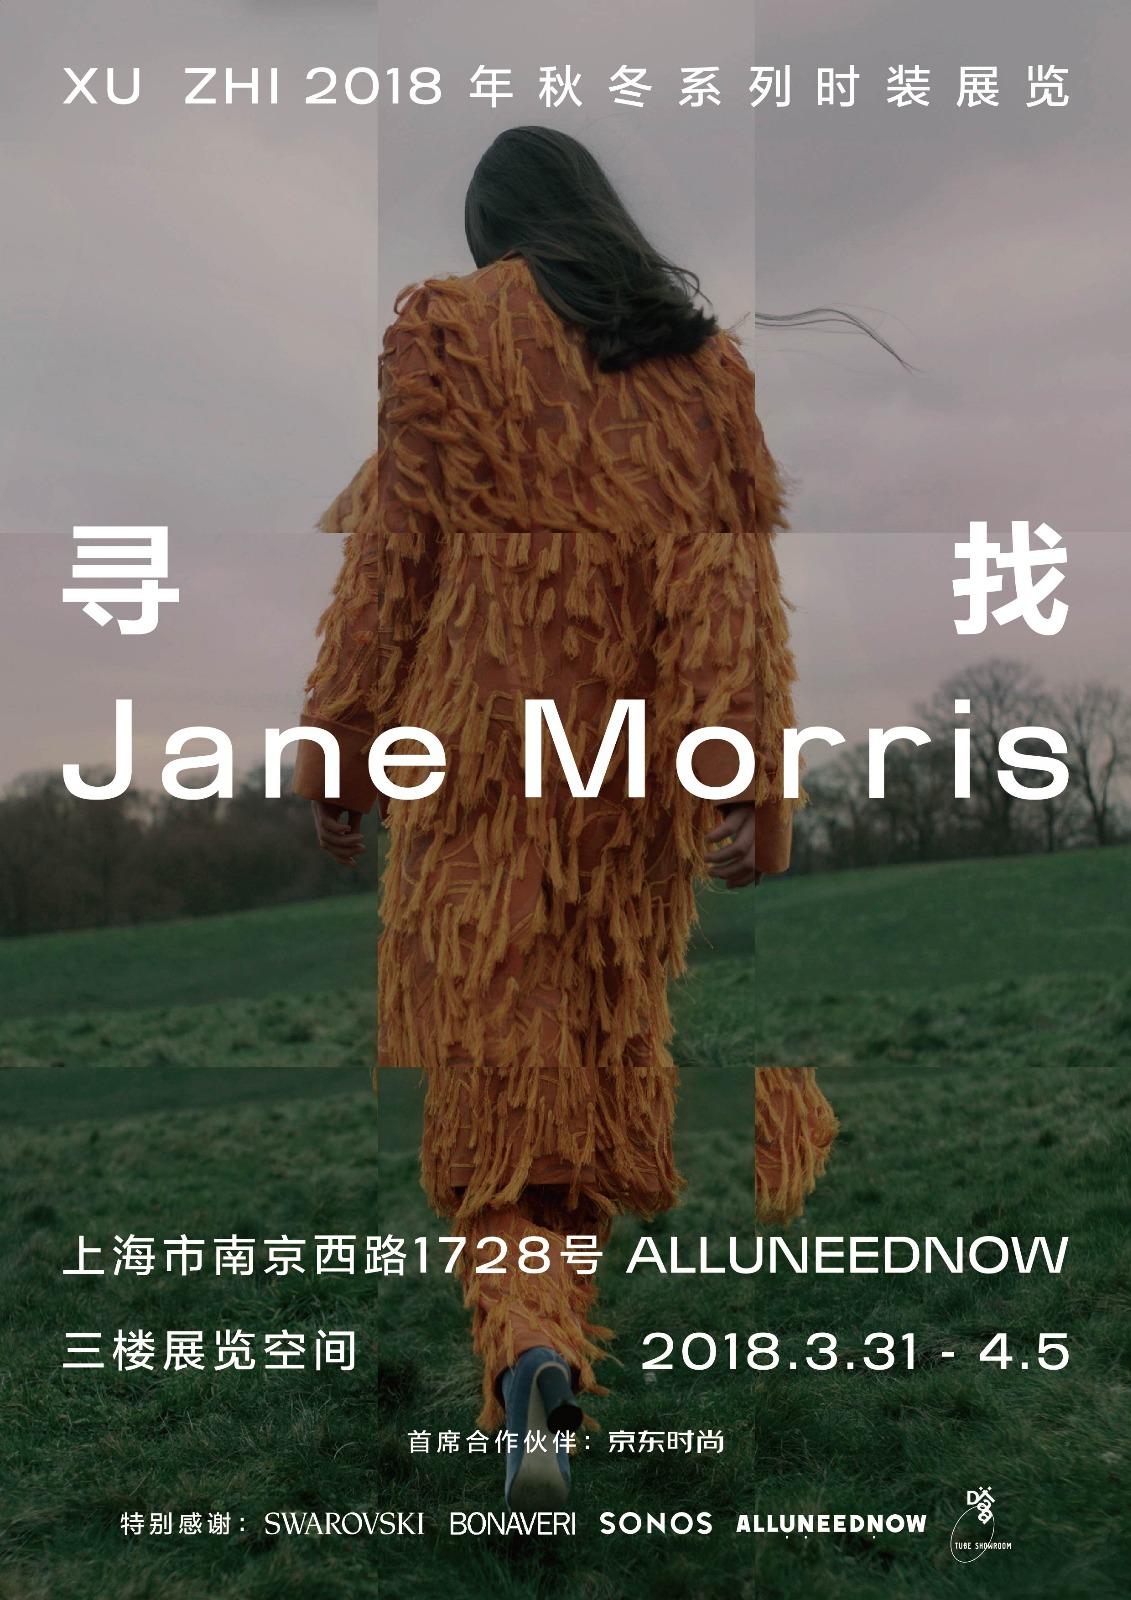 寻找Jane Morris:XU ZHI 2018年秋冬系列时装展览